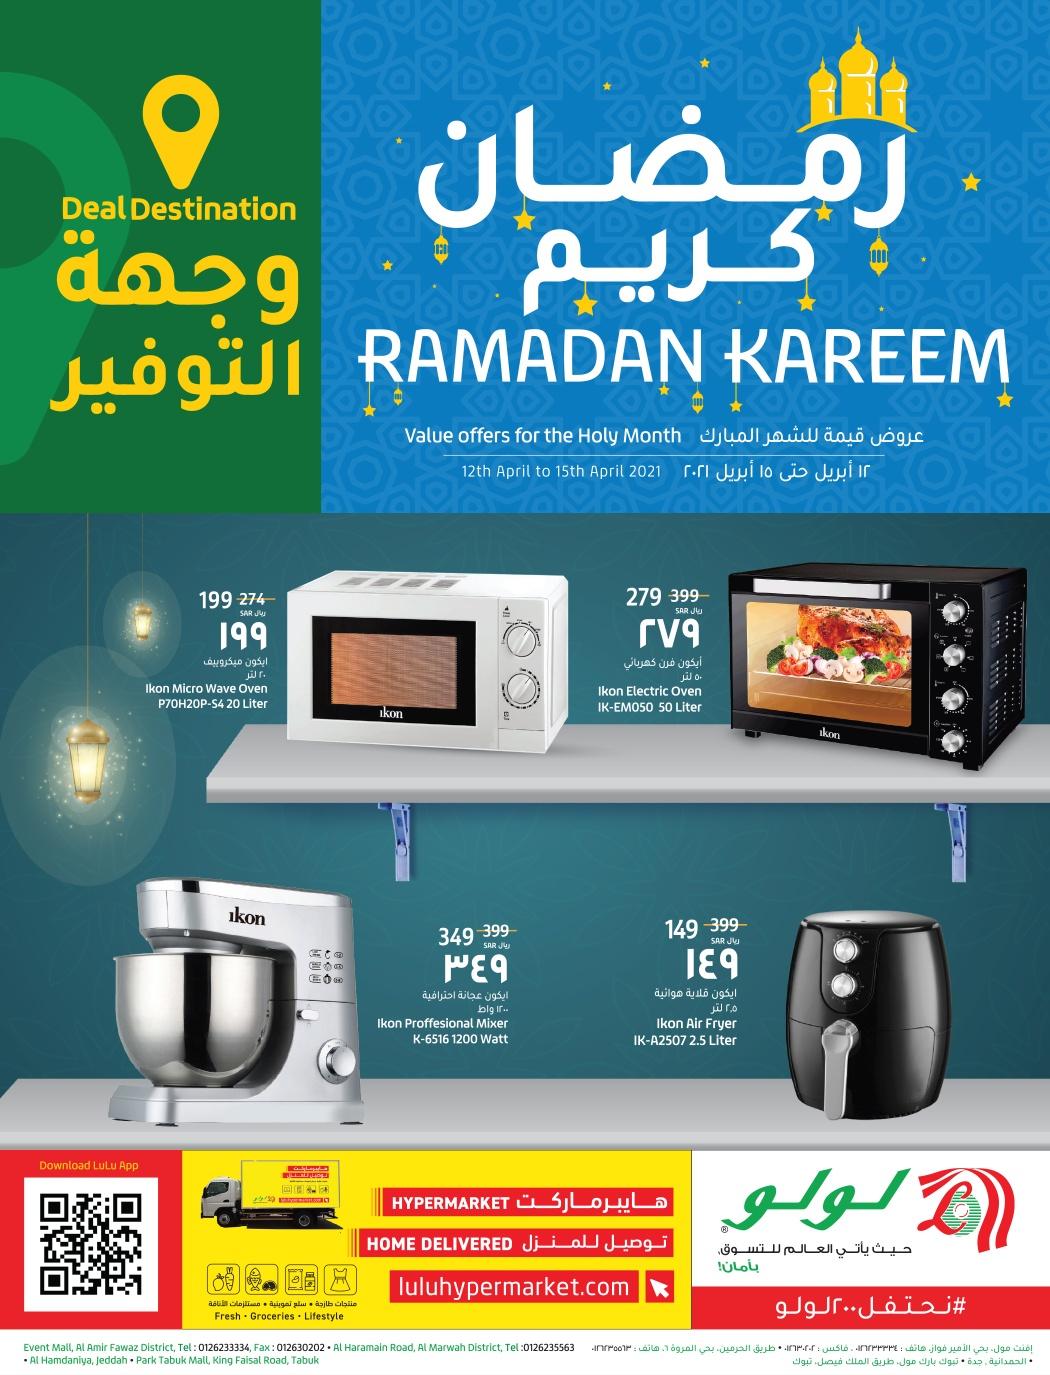 عروض لولو جدة اليوم 12 ابريل حتى 15 ابريل 2021 رمضان كريم